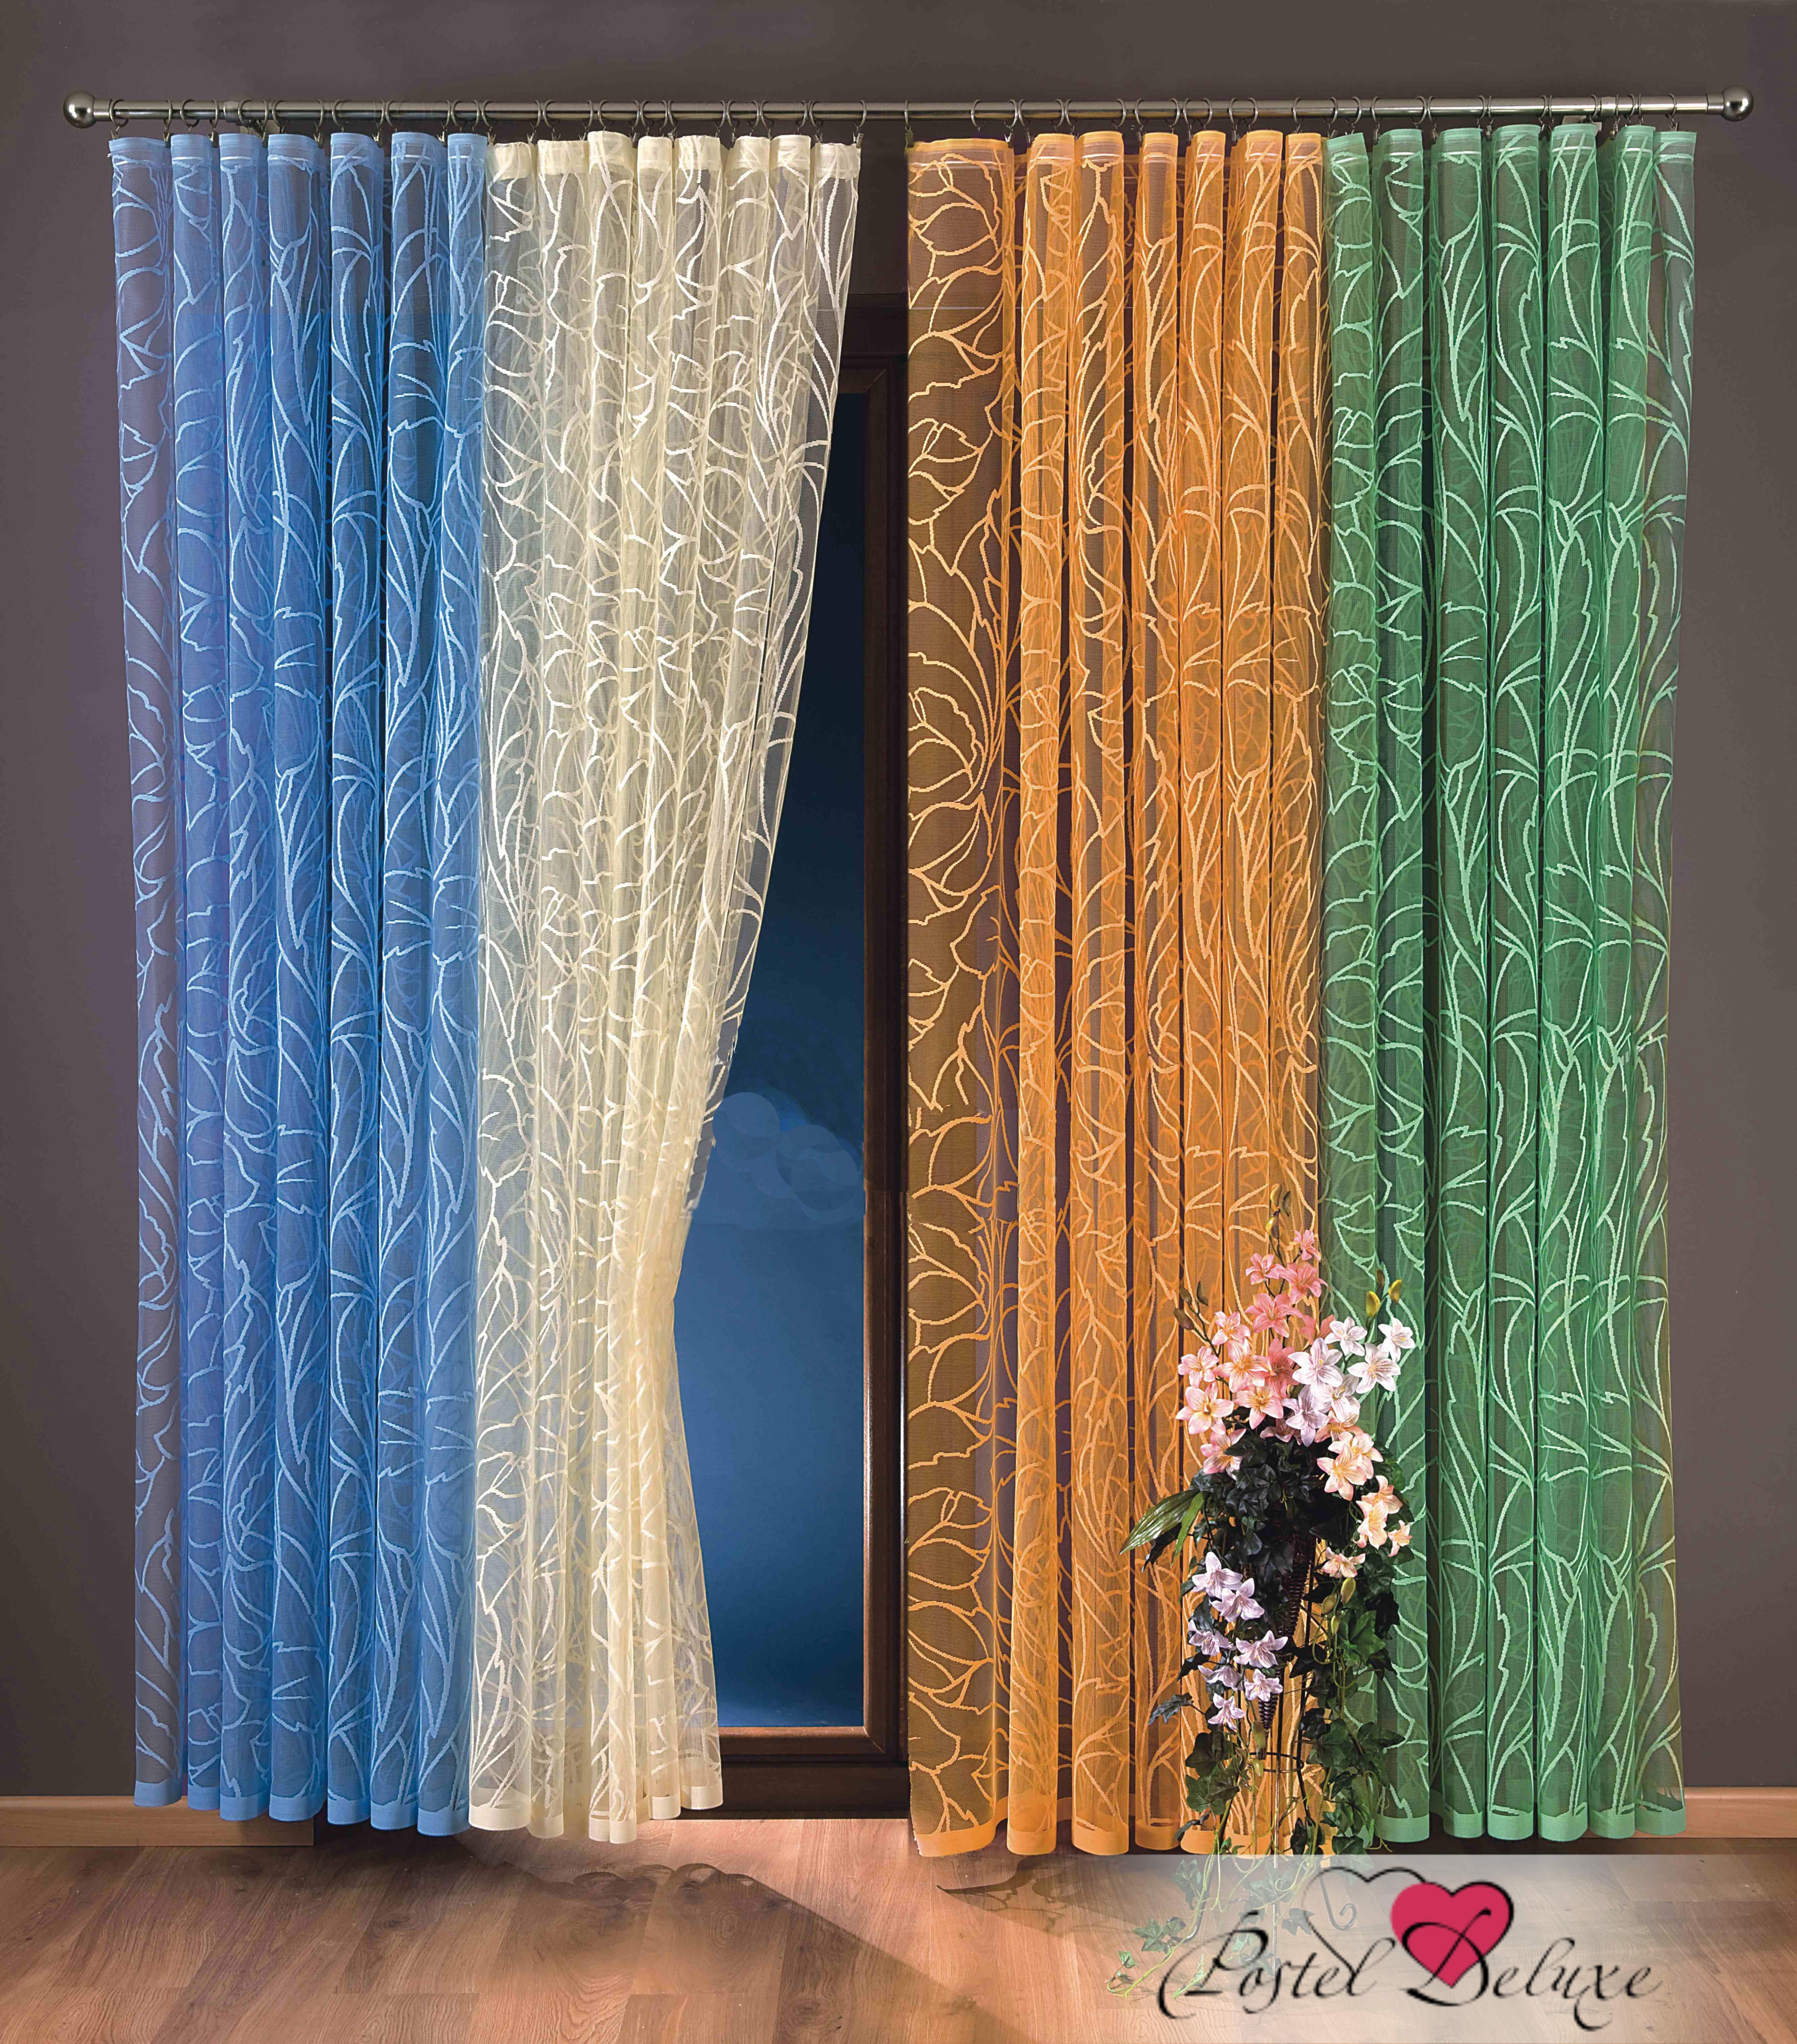 Шторы Wisan Классические шторыDianaЦвет: Кремовый wisan wisan классические шторы melicent цвет кремовый